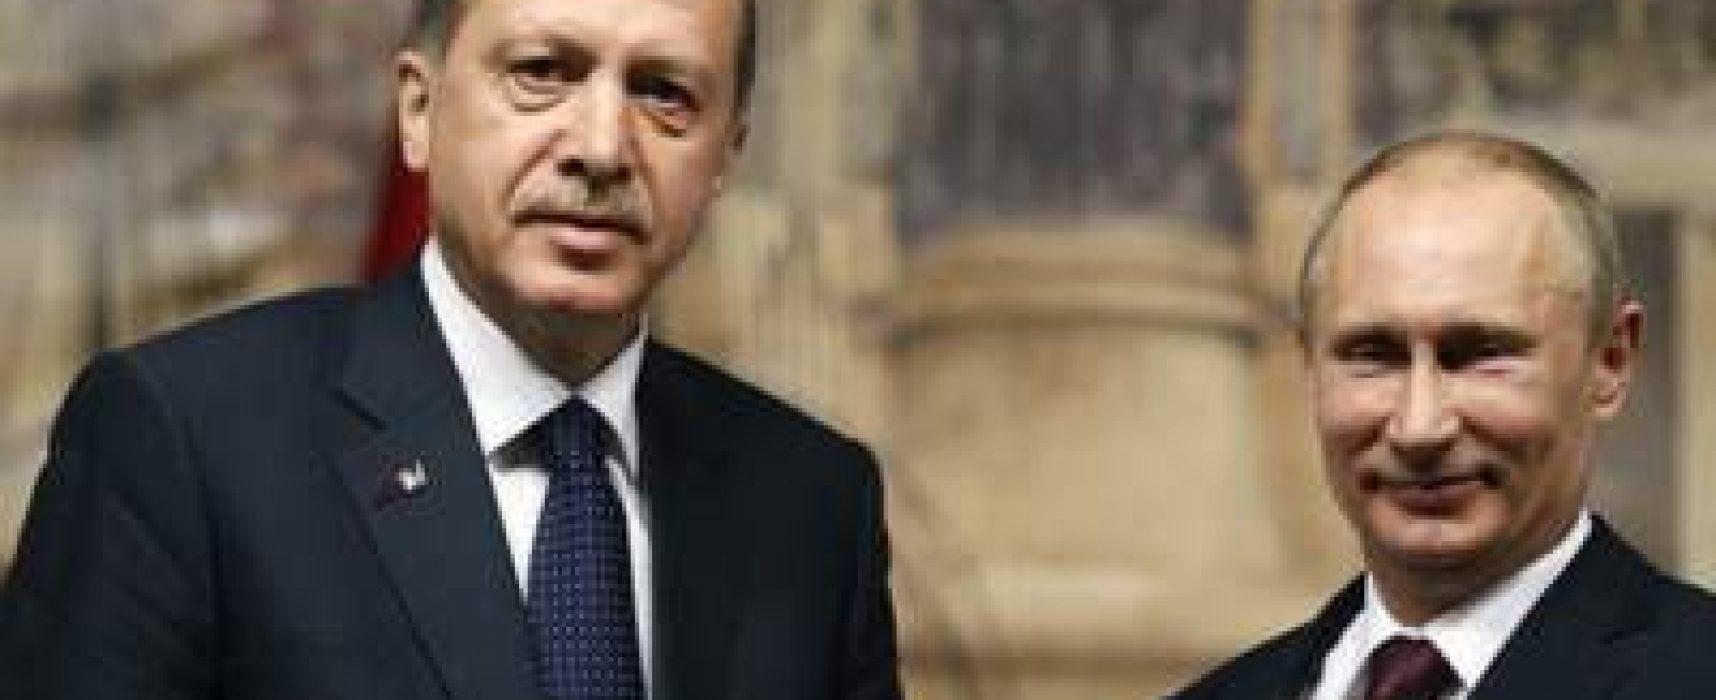 Игорь Яковенко: Путин и Эрдоган: две модели прессы